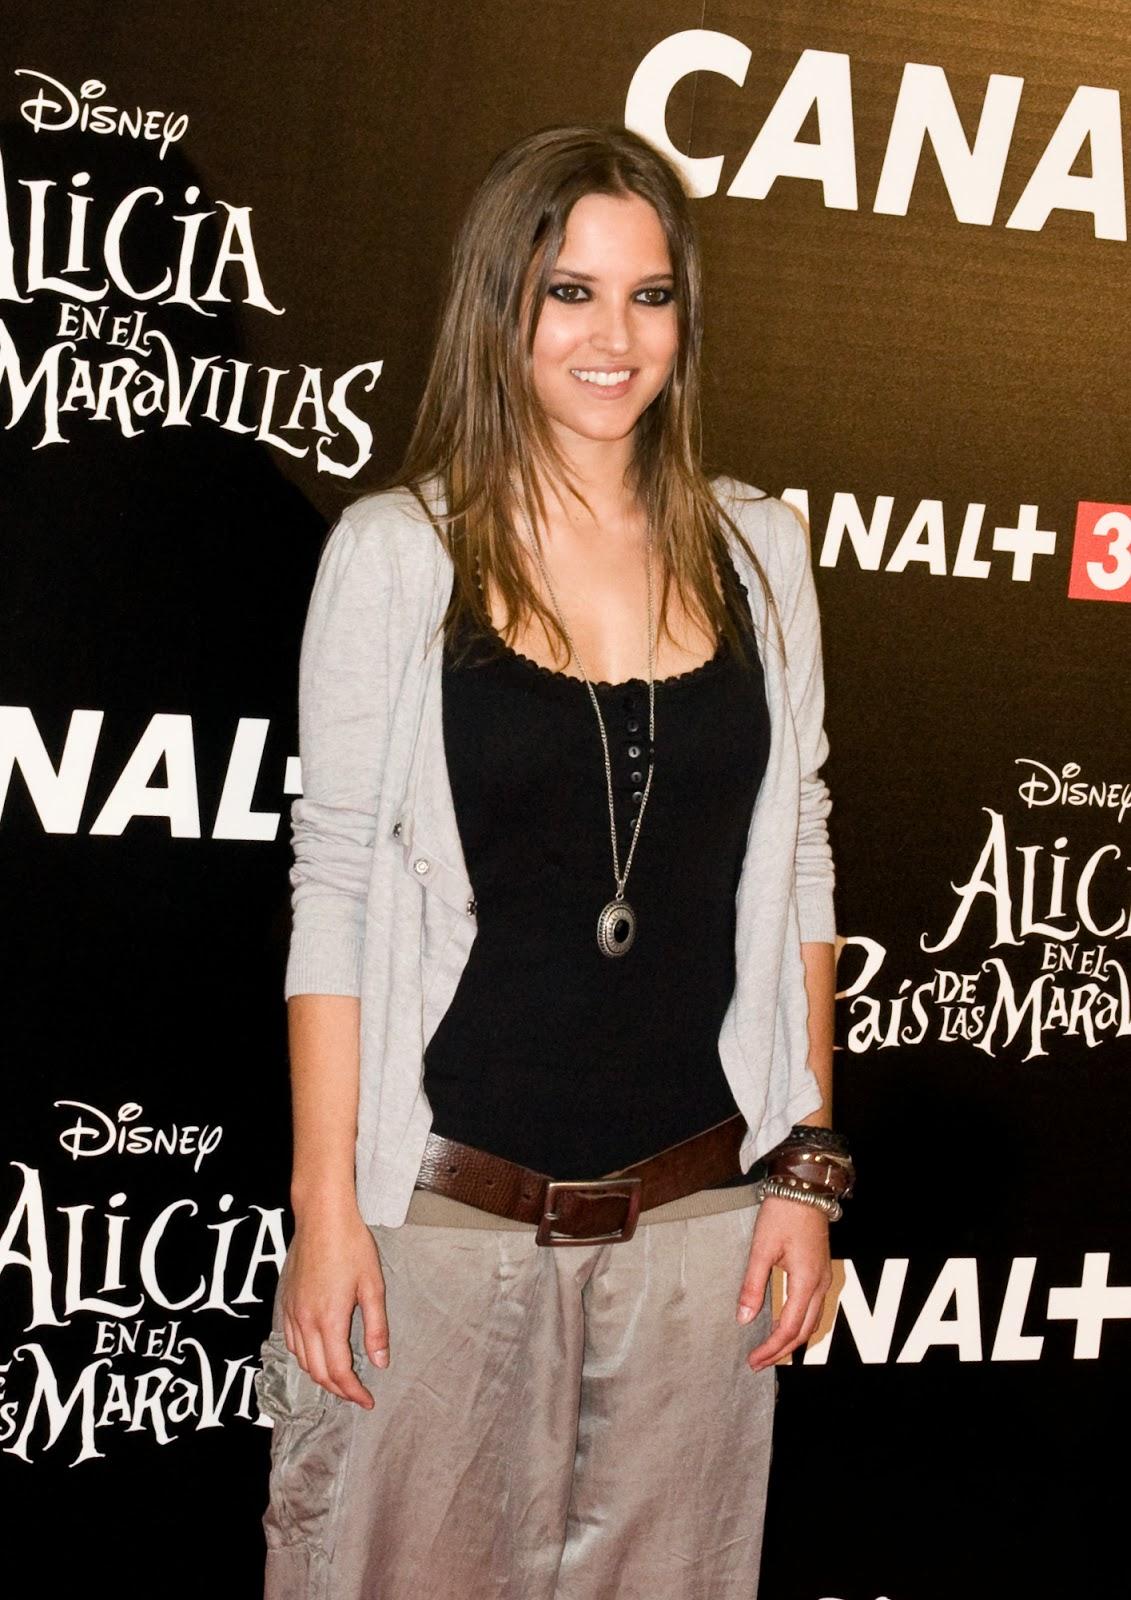 Ana Fernández García ana fernÁndez garcÍa, un 10 de noviembre, nace la actriz